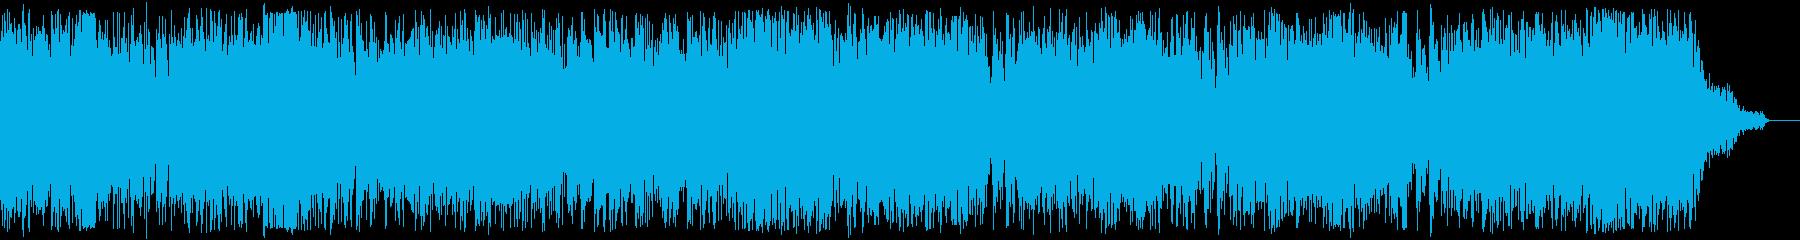 スラッジロック、潜在的で激しい打撃...の再生済みの波形